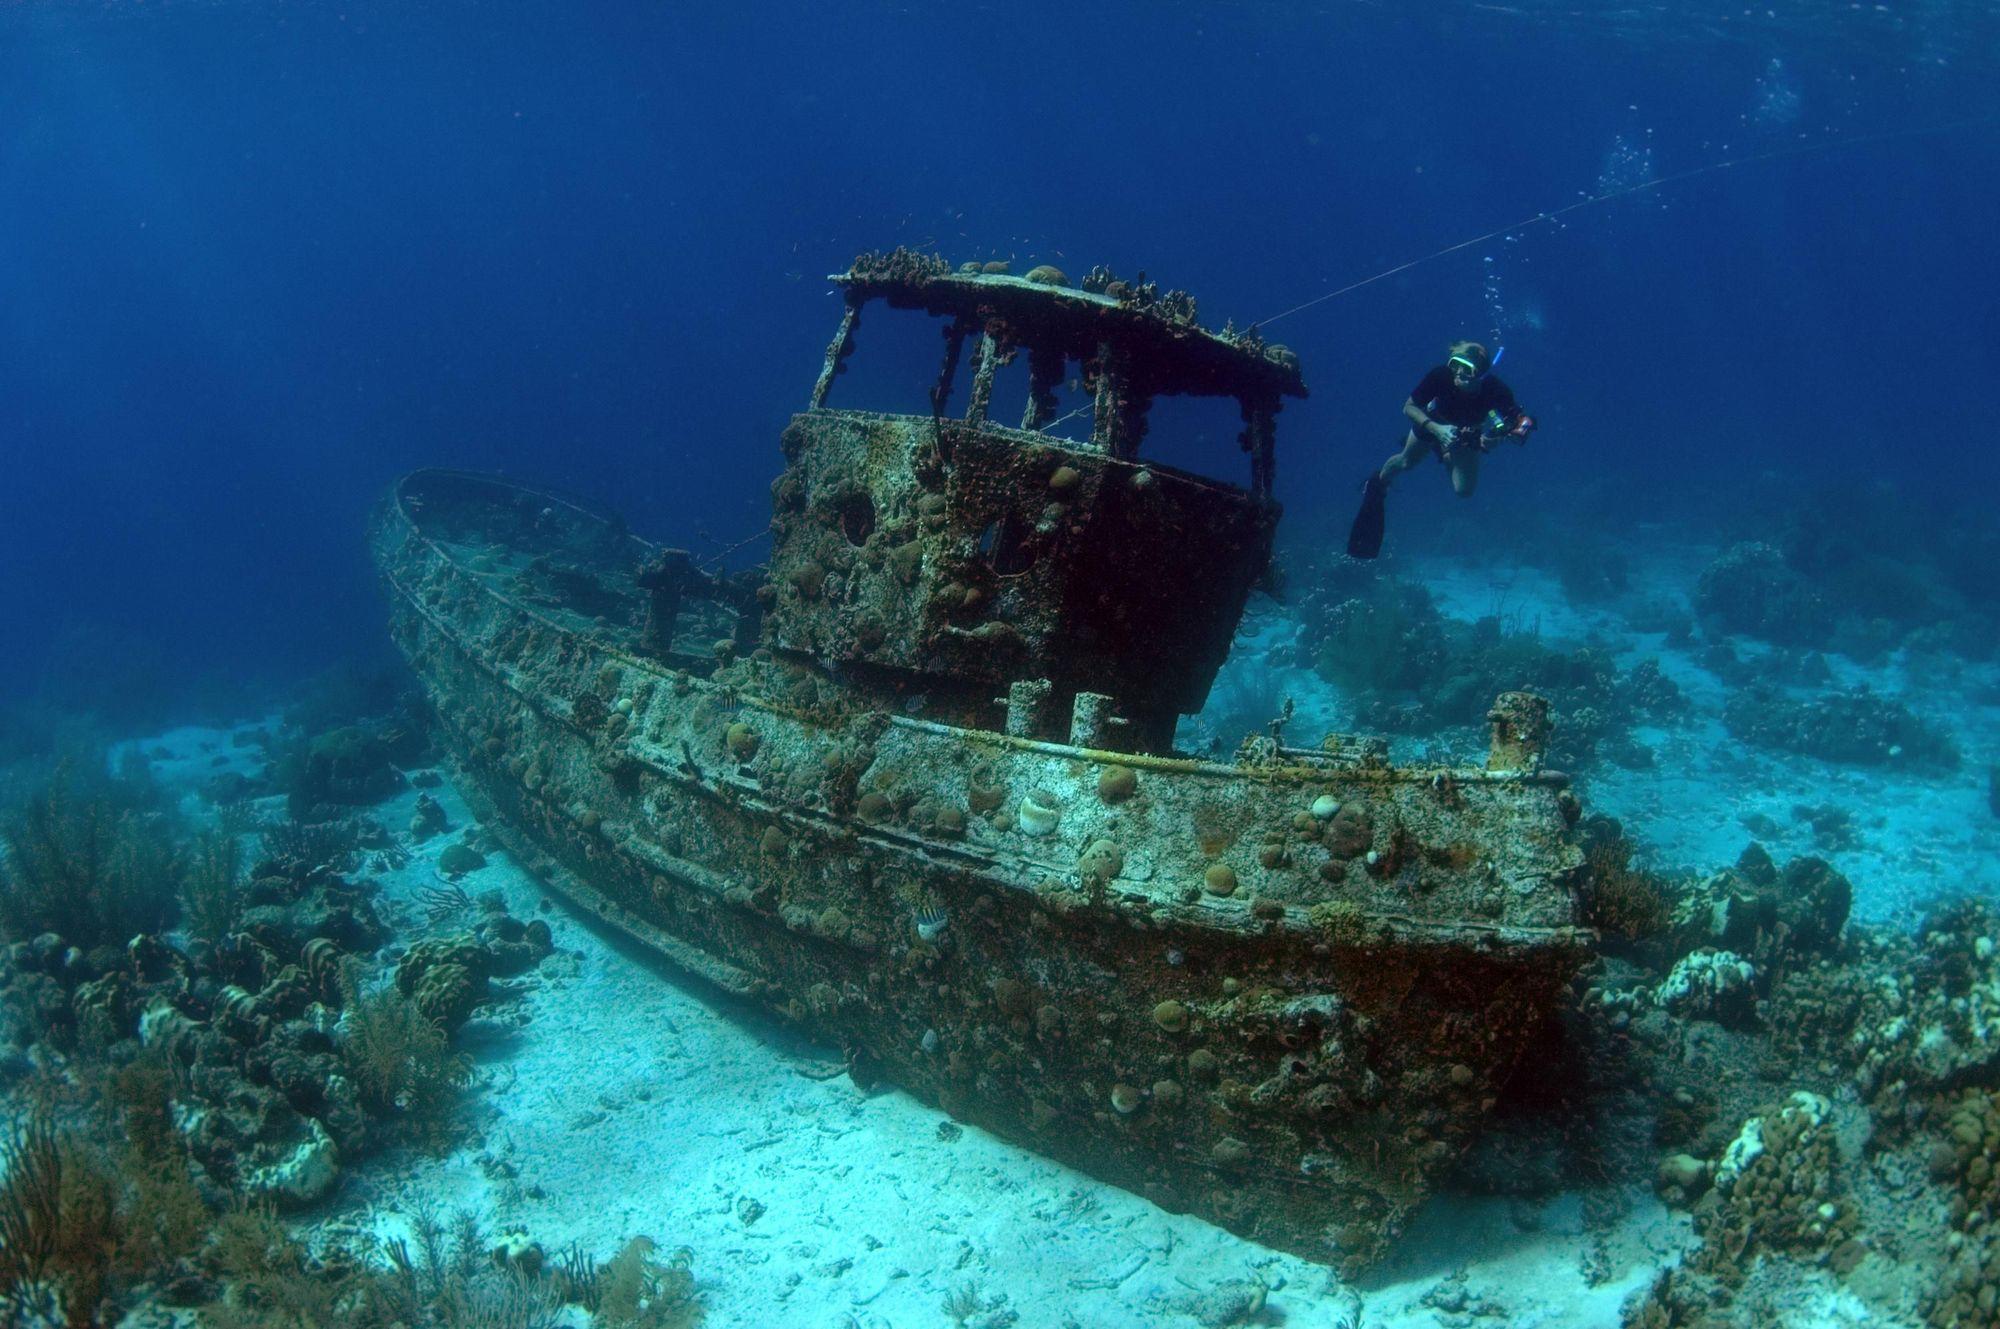 типа модели фотографии островов и затонувших на них катеров турецкой компании